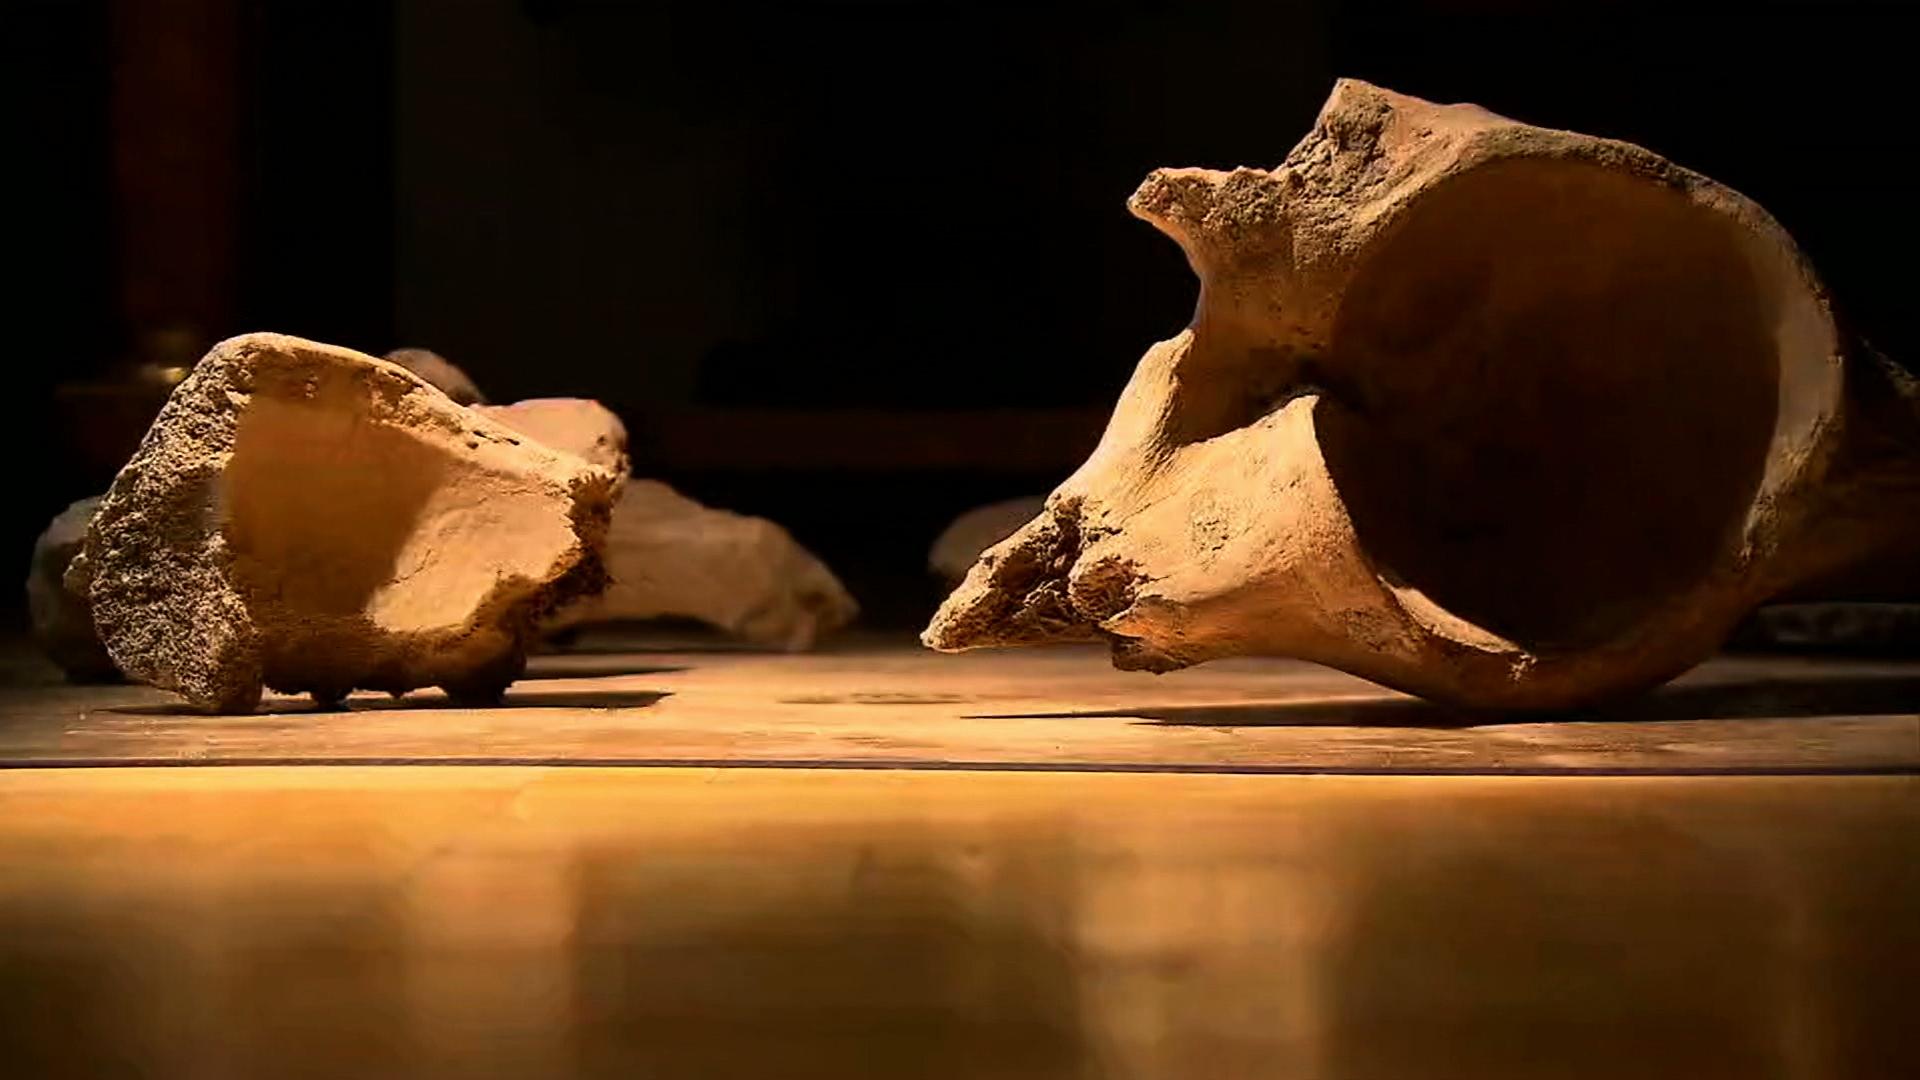 Szczątki ssaka sprzed stu tysięcy lat. To mamut czy słoń leśny?